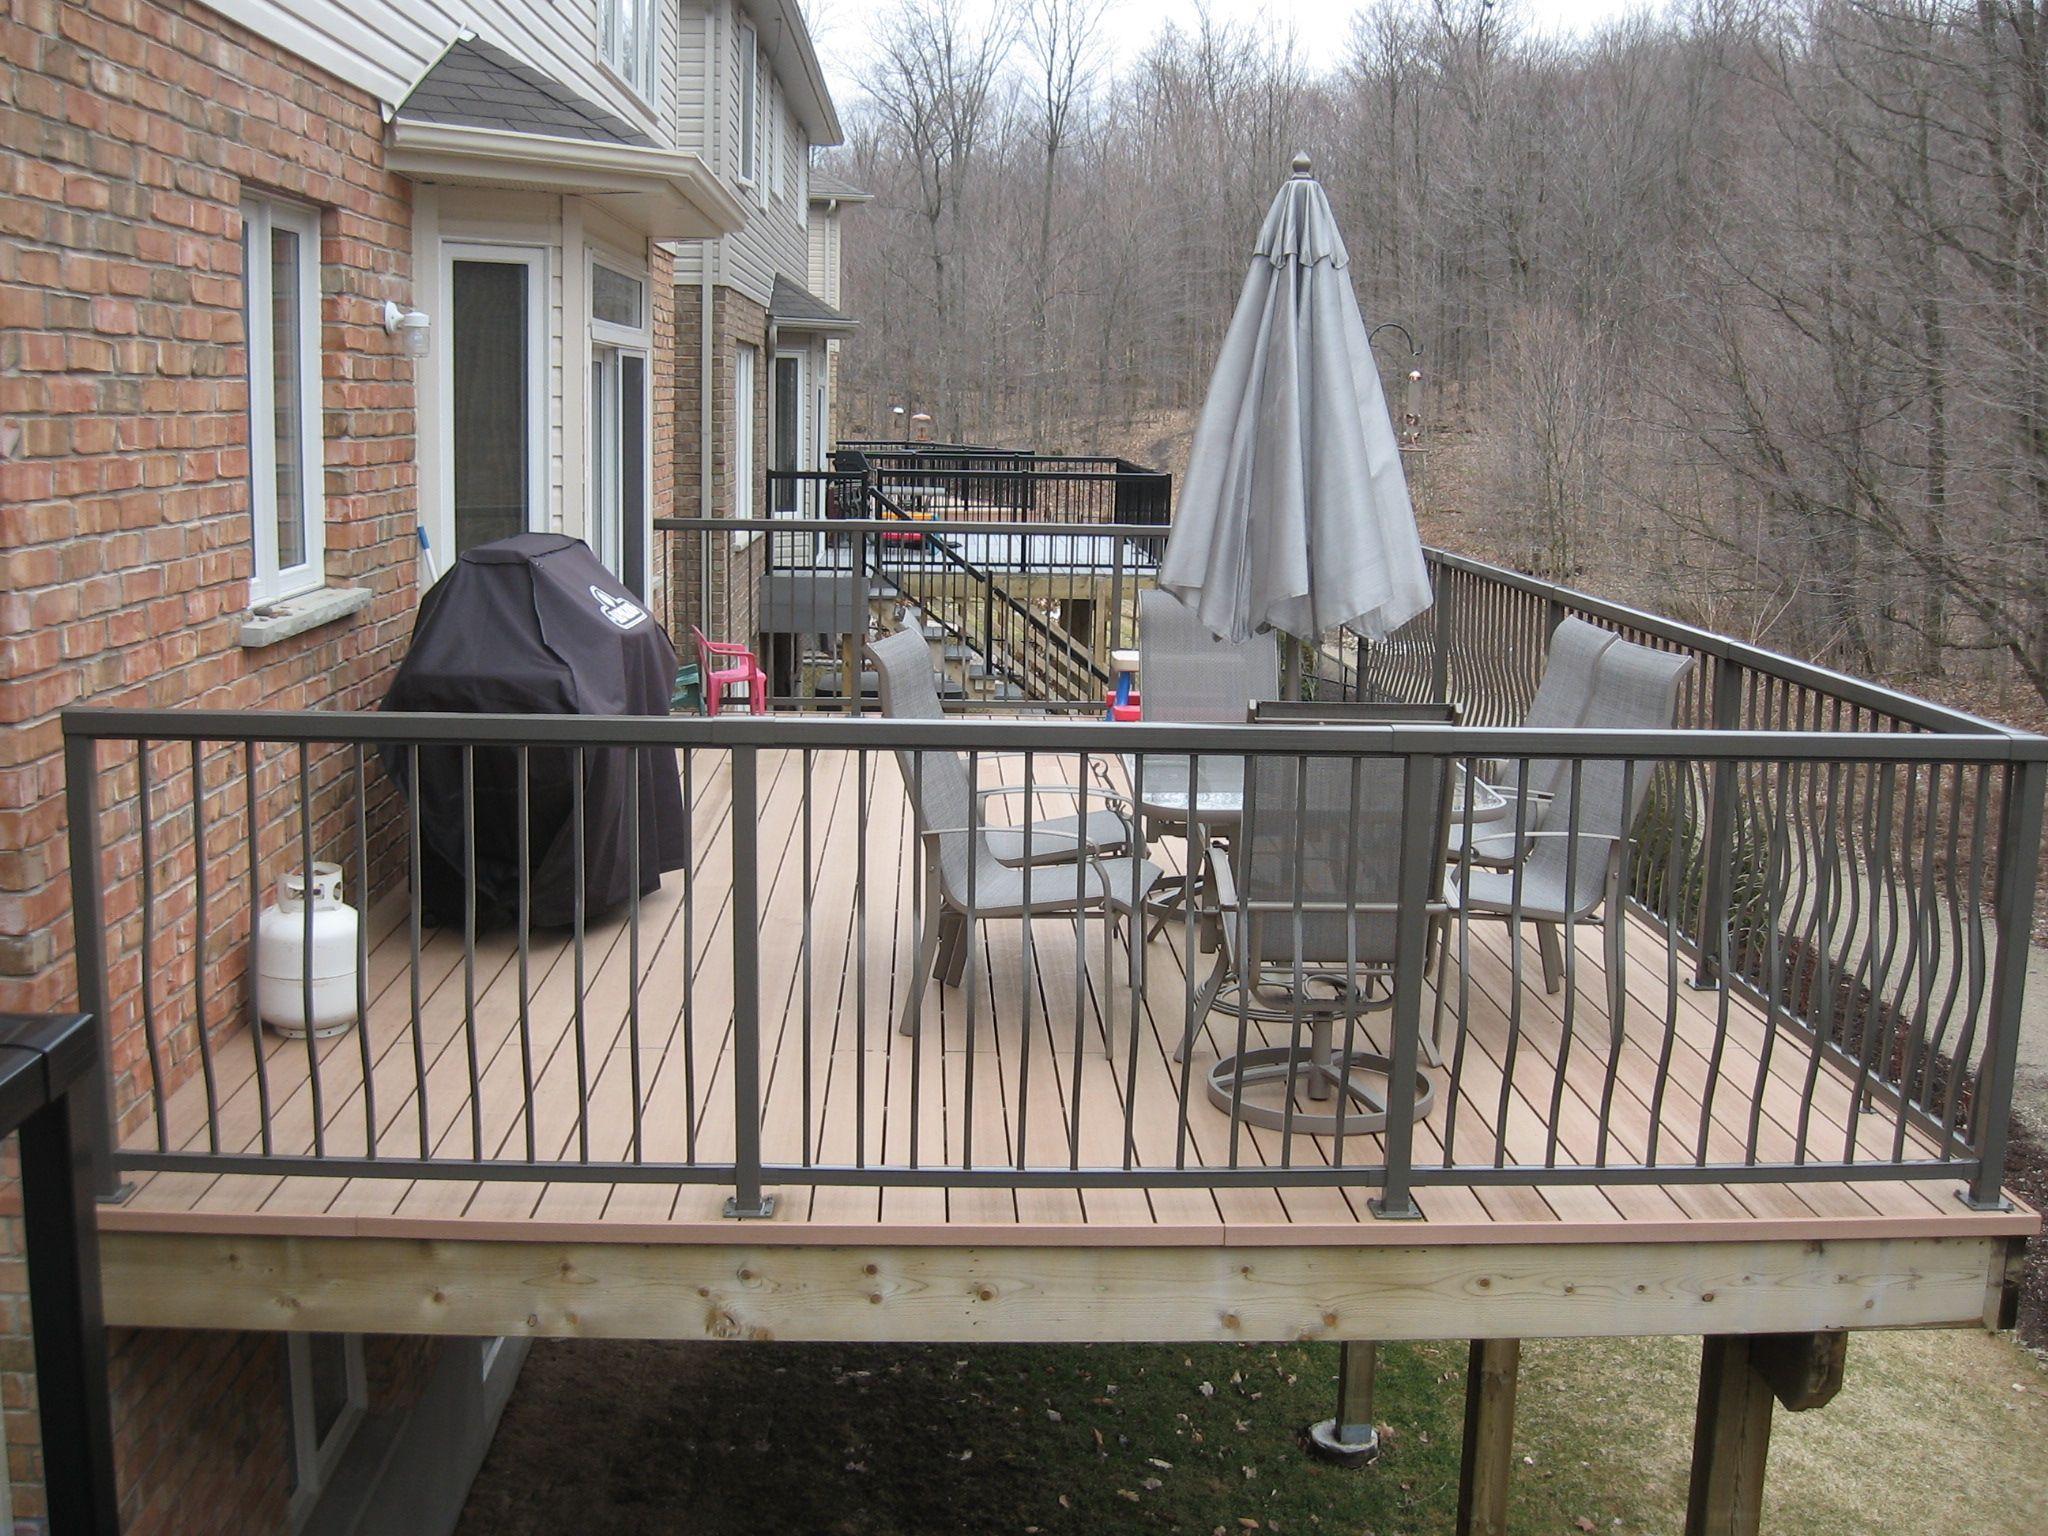 Probuilt aluminum railing sandalwood colour railing systems probuilt aluminum railing sandalwood colour baanklon Image collections